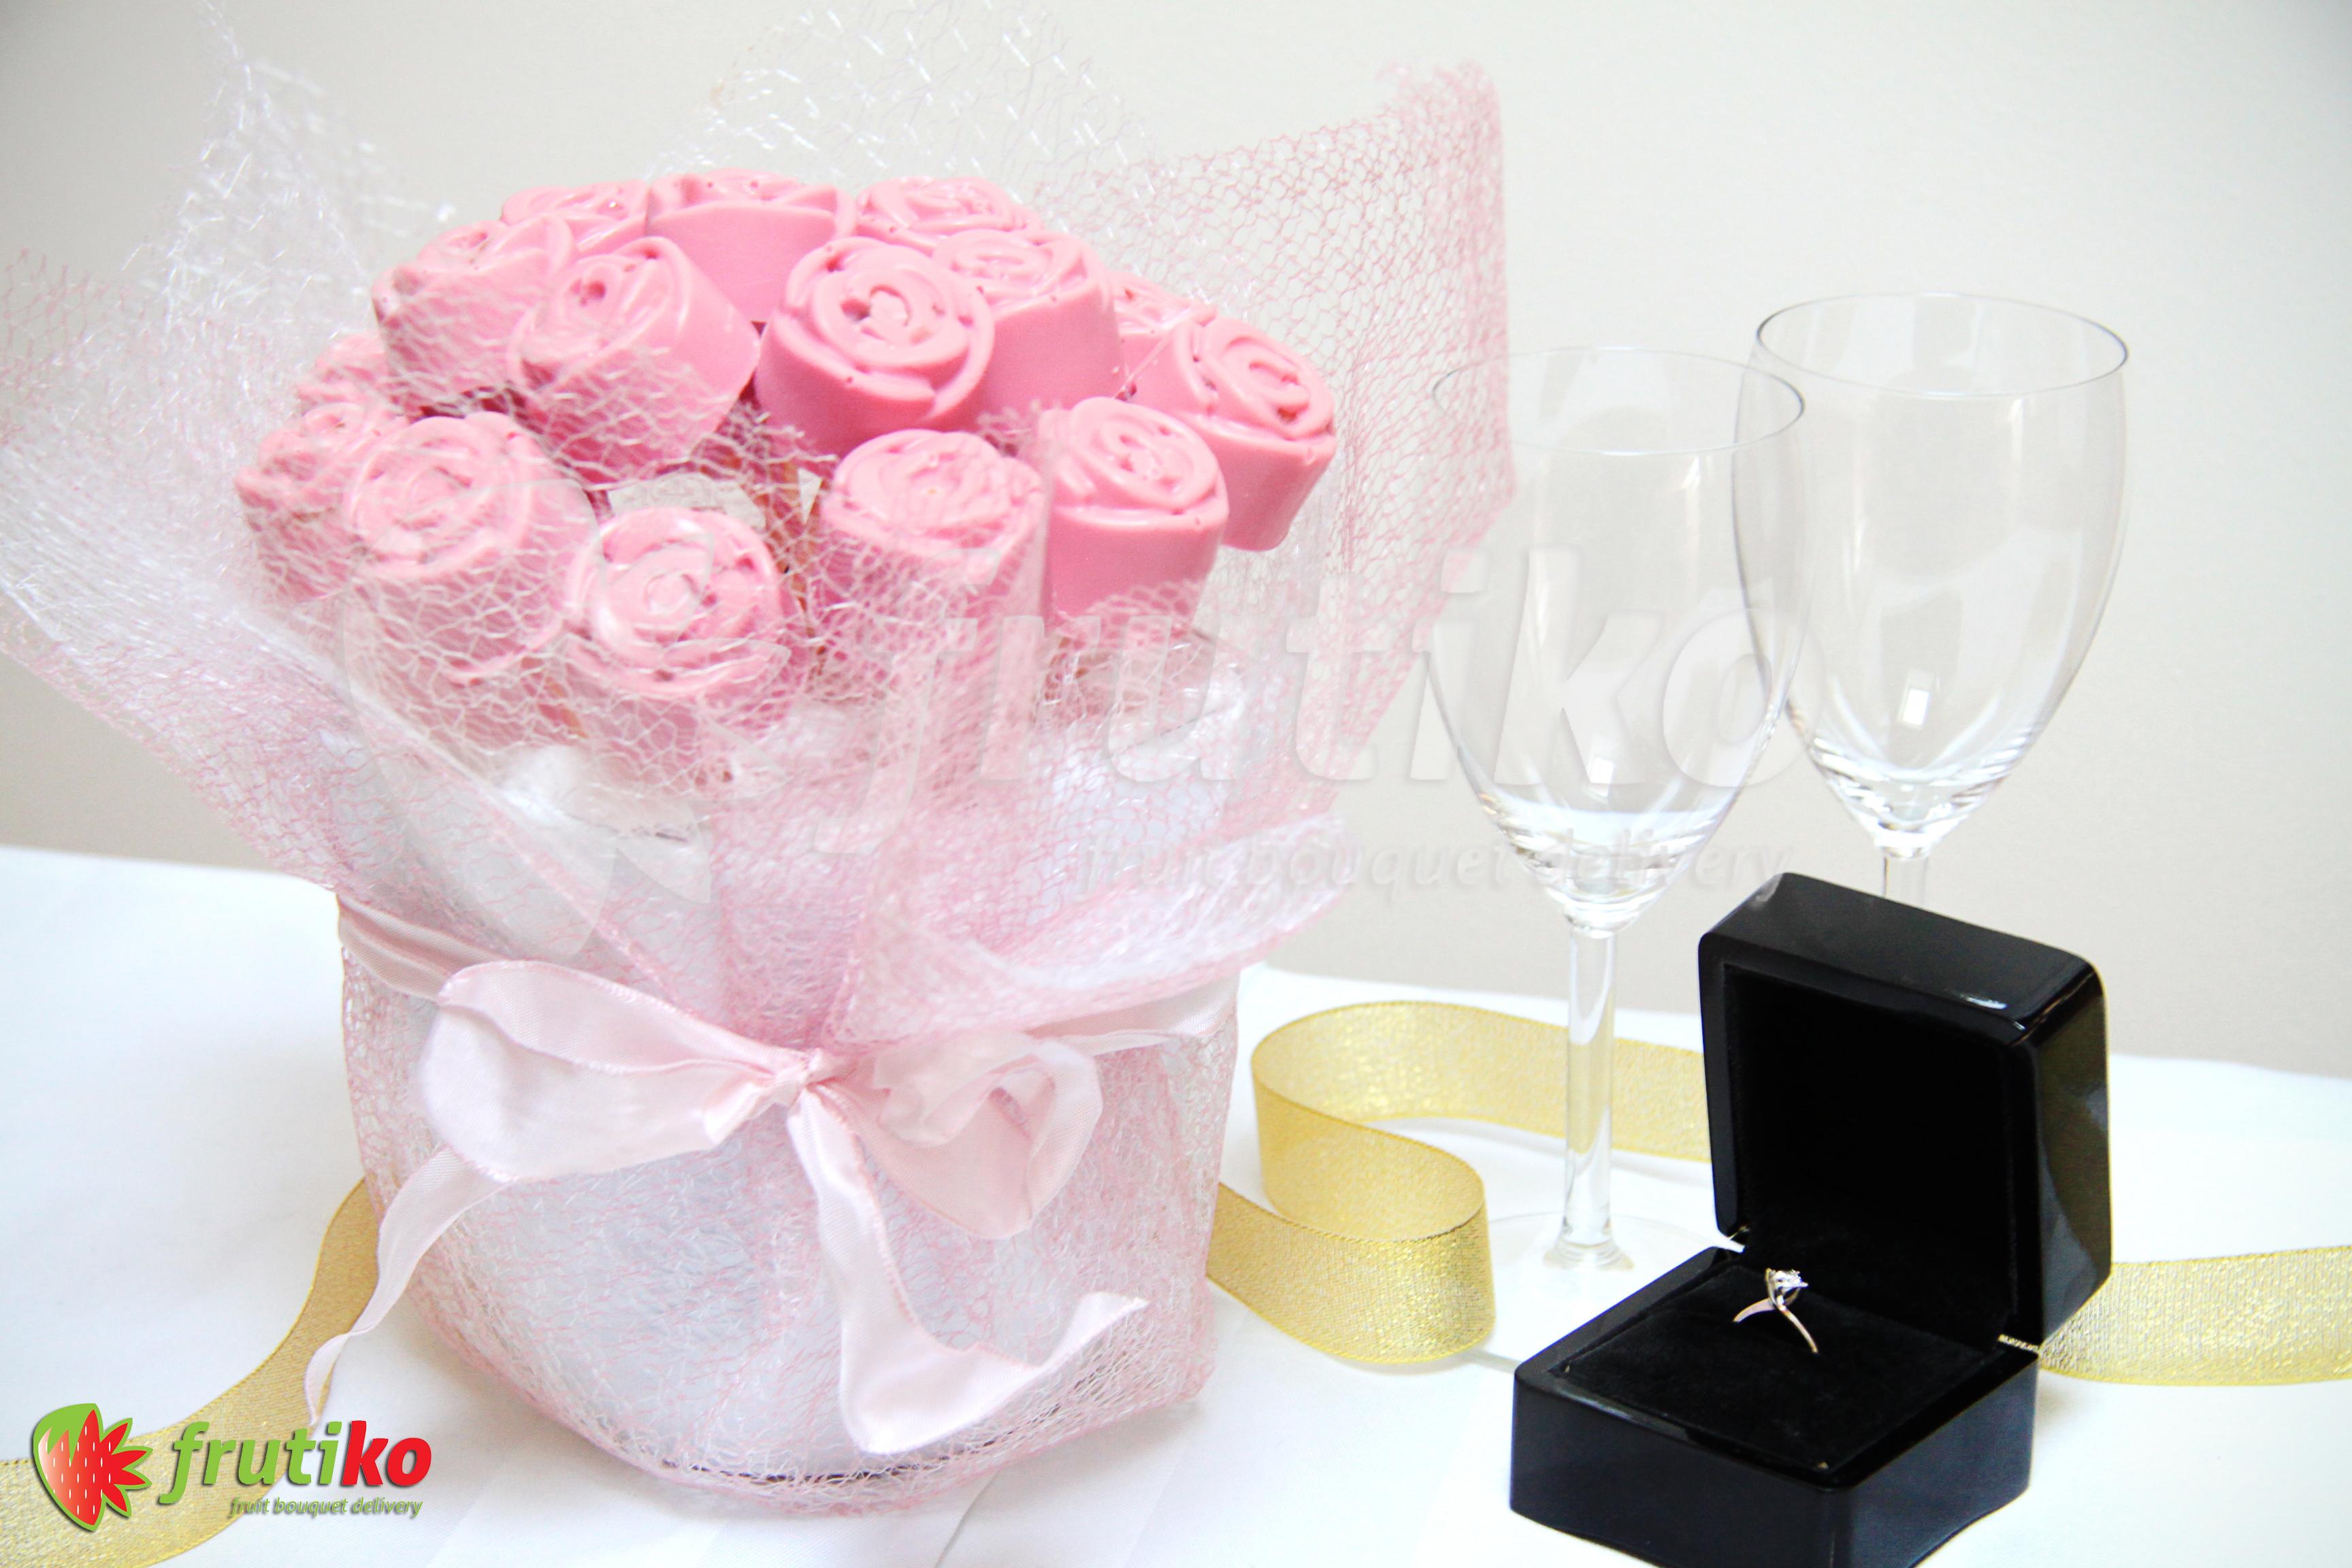 Svatební kytice Frutiko